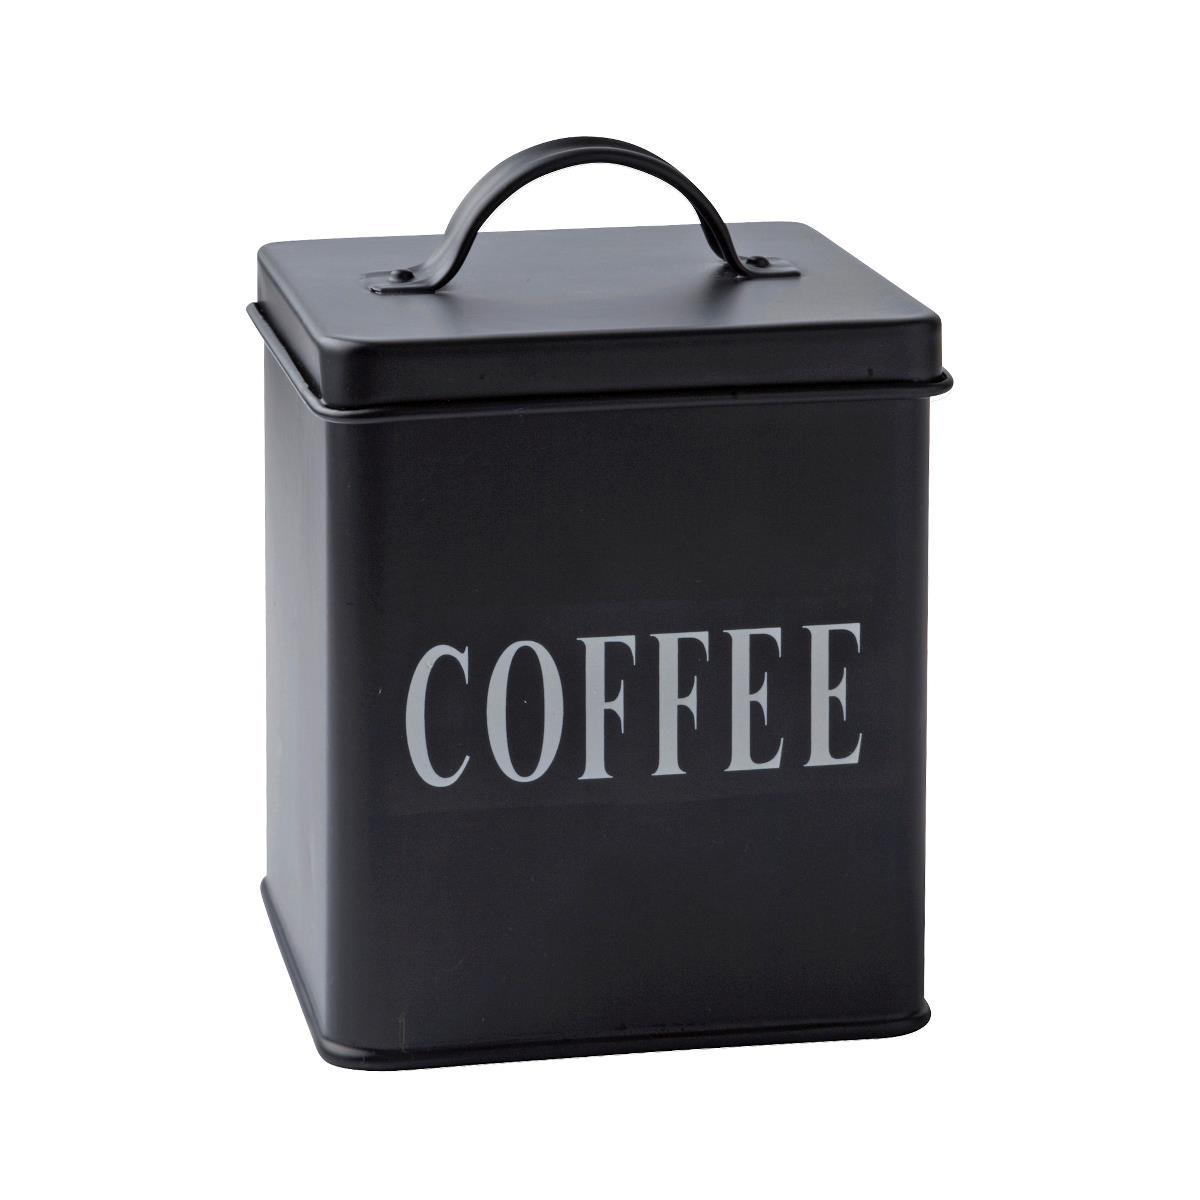 Cutie metalica Coffee, Black, 1,5 L, KJ, 232113 imagine